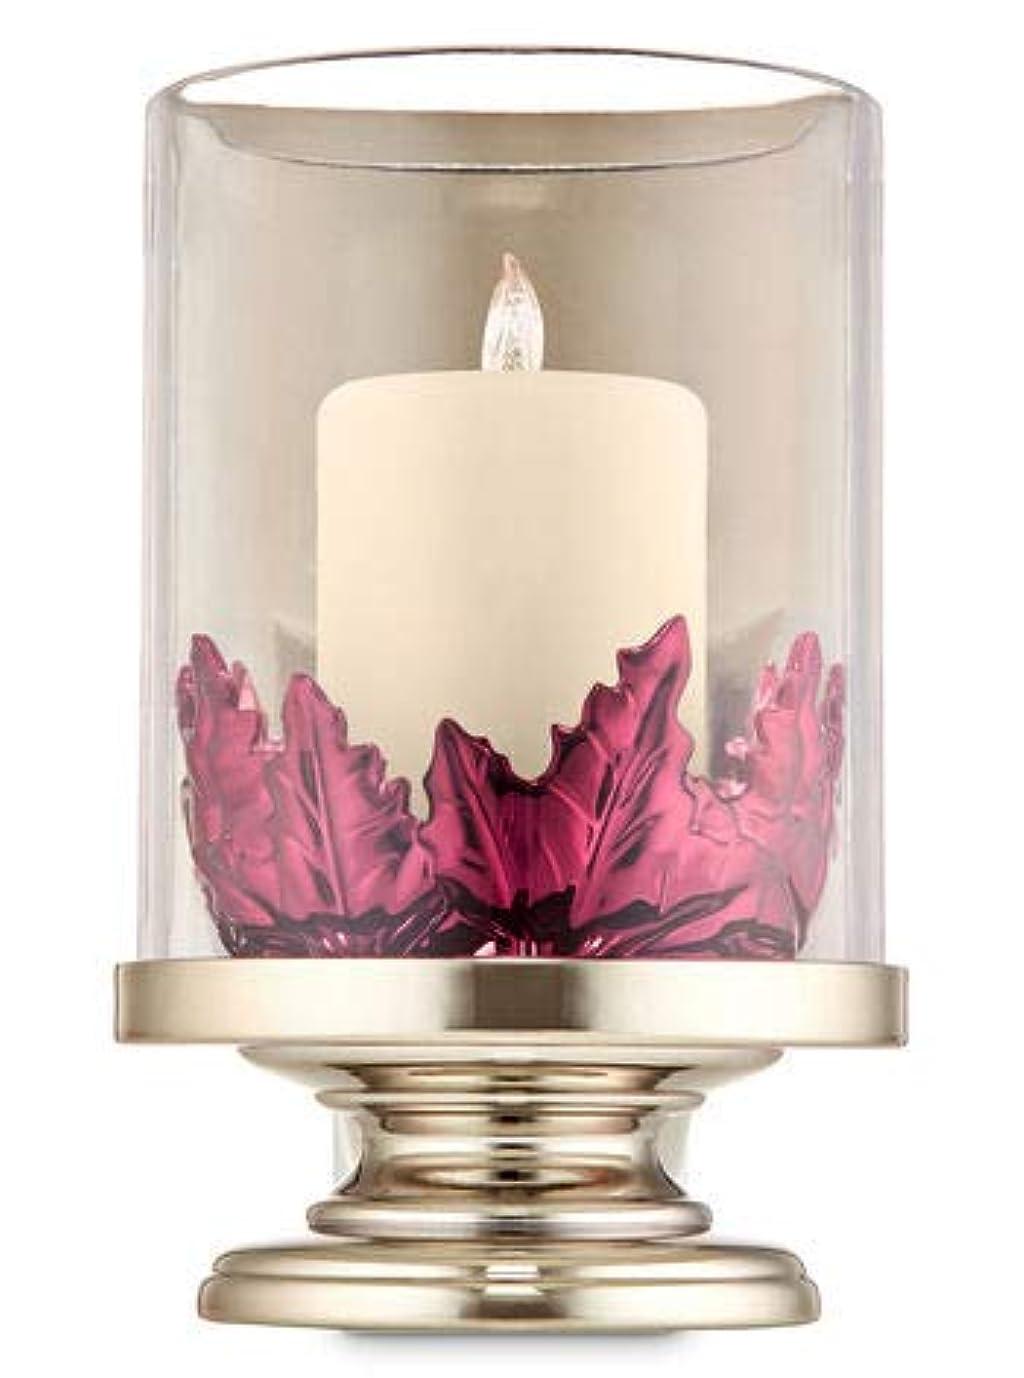 富豪電極勇気のある【Bath&Body Works/バス&ボディワークス】 ルームフレグランス プラグインスターター (本体のみ) ピラーキャンドル with リーブス ナイトライト Wallflowers Fragrance Plug Pillar Candle with Leaves Night Light [並行輸入品]